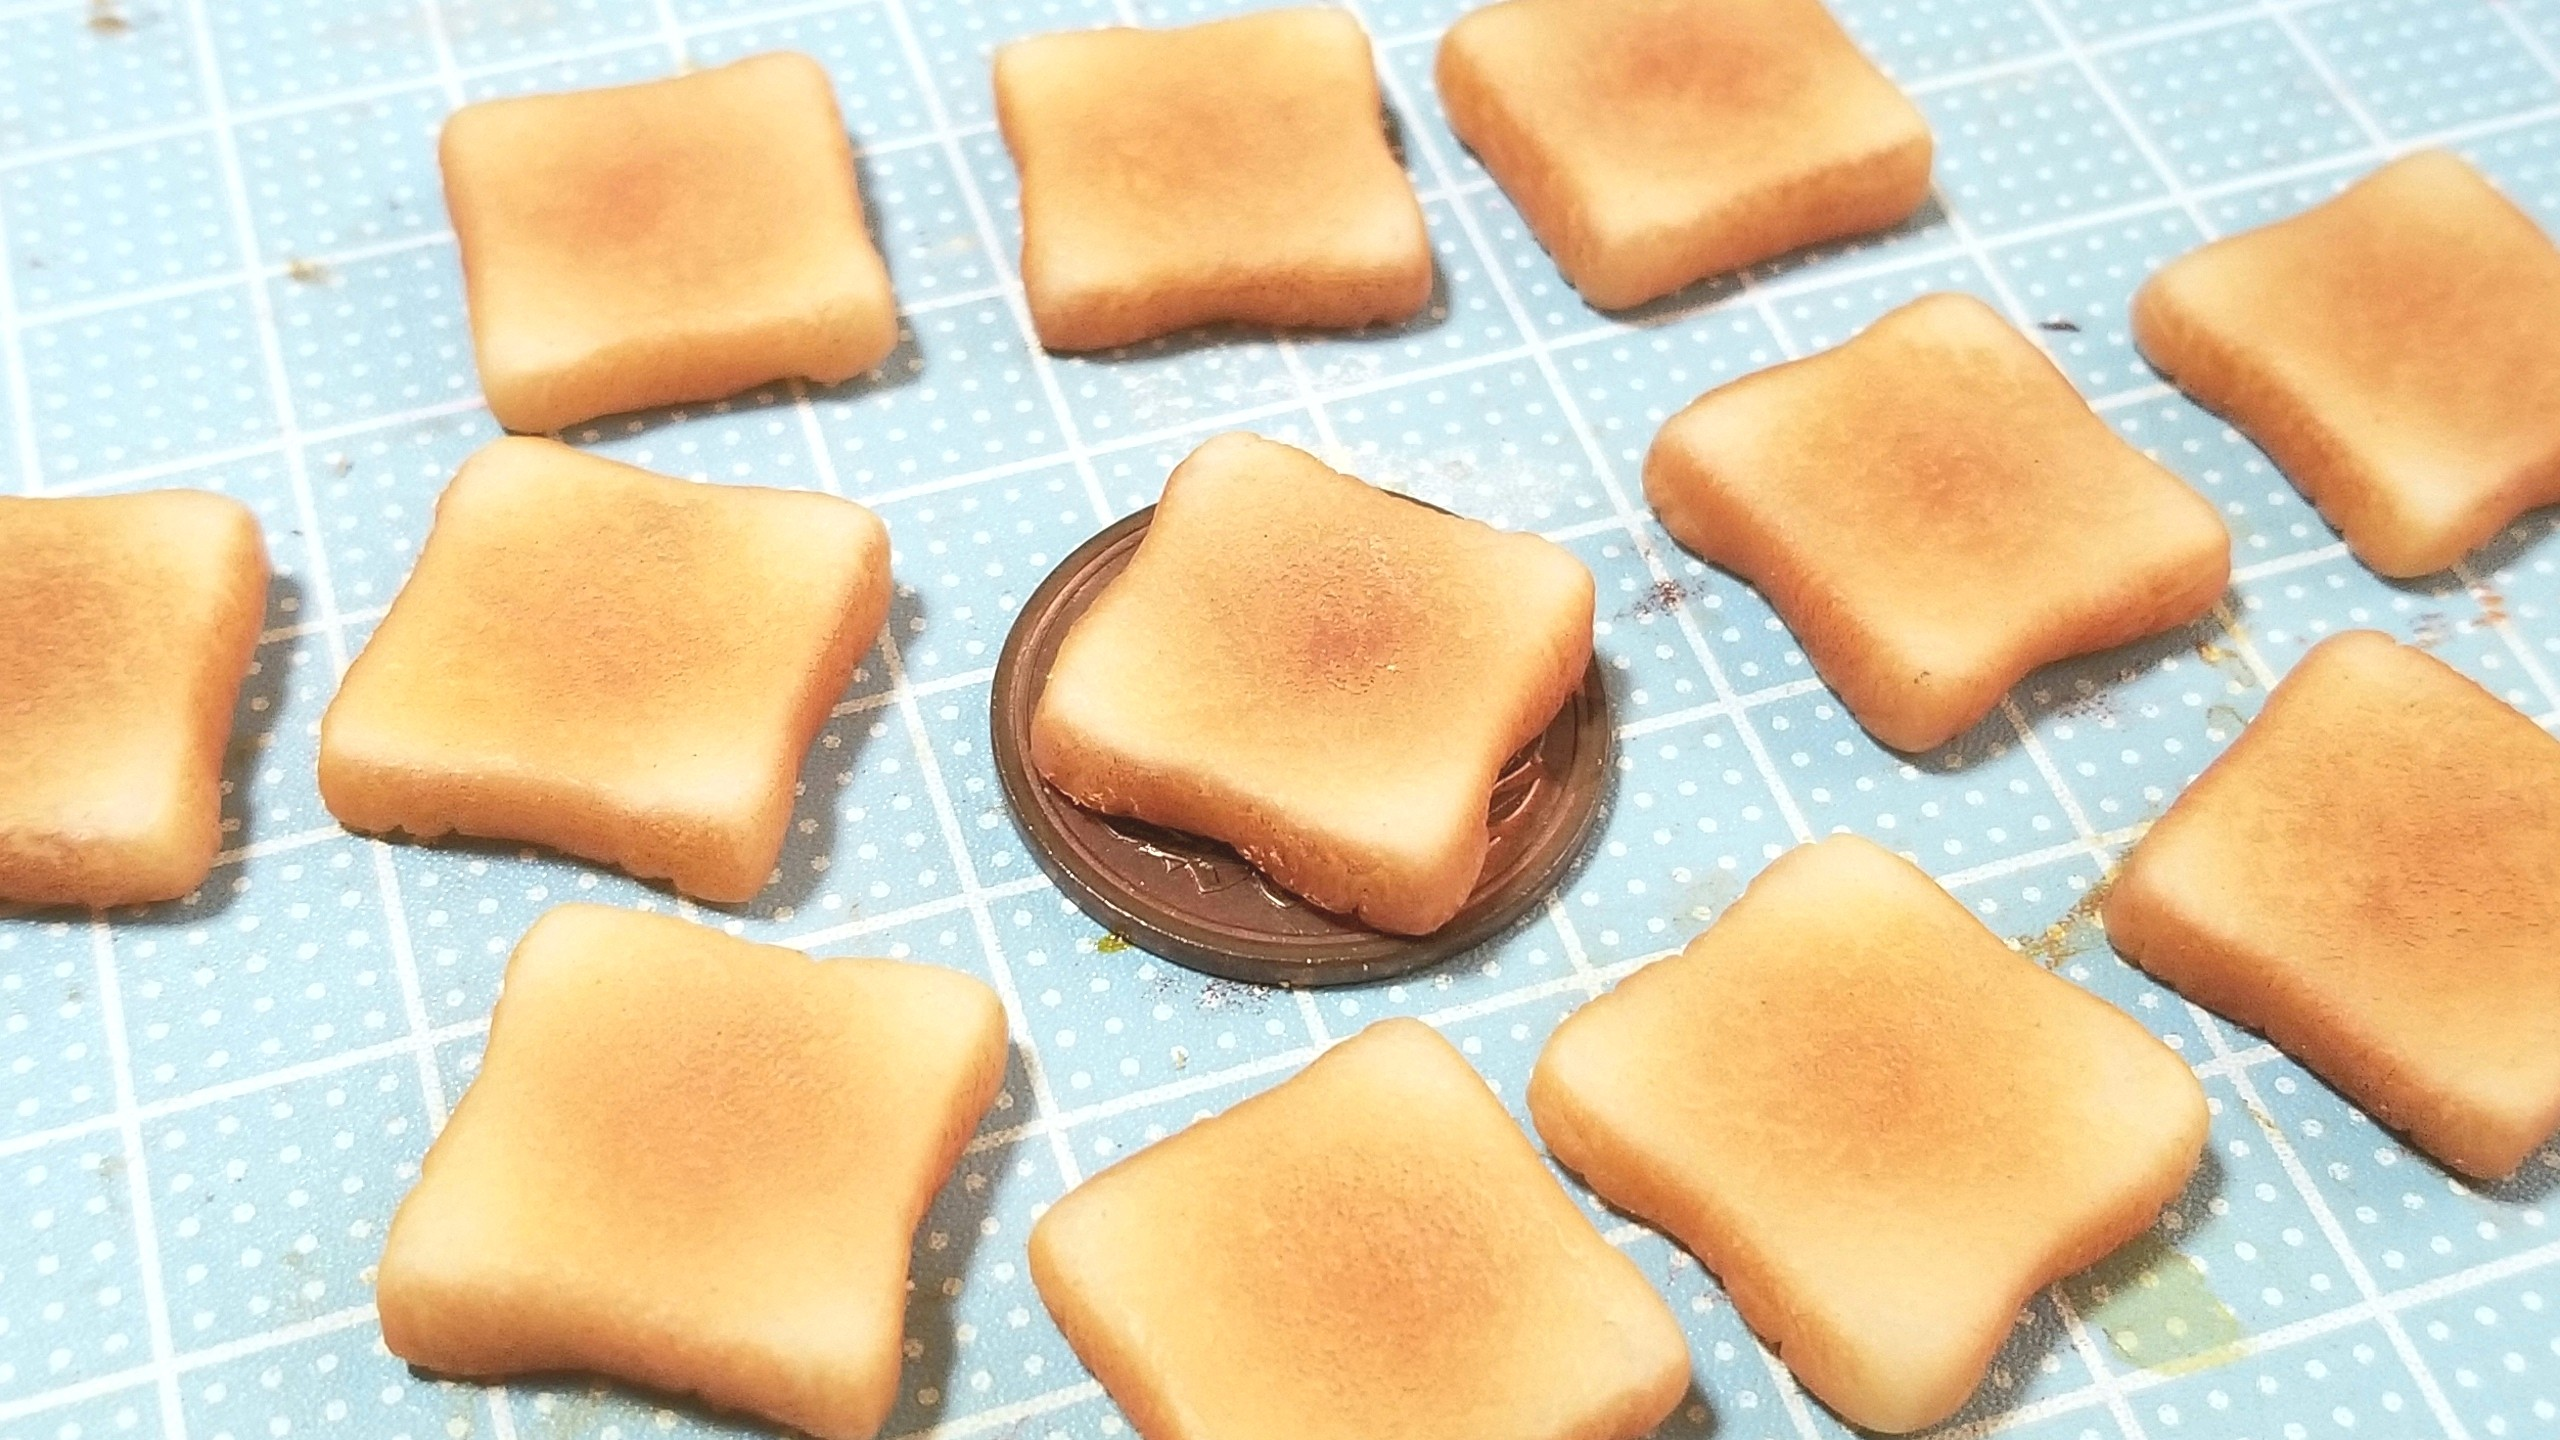 目玉焼きの作り方,ミニチュアトースト,こんがり熟成,ラピュタパン